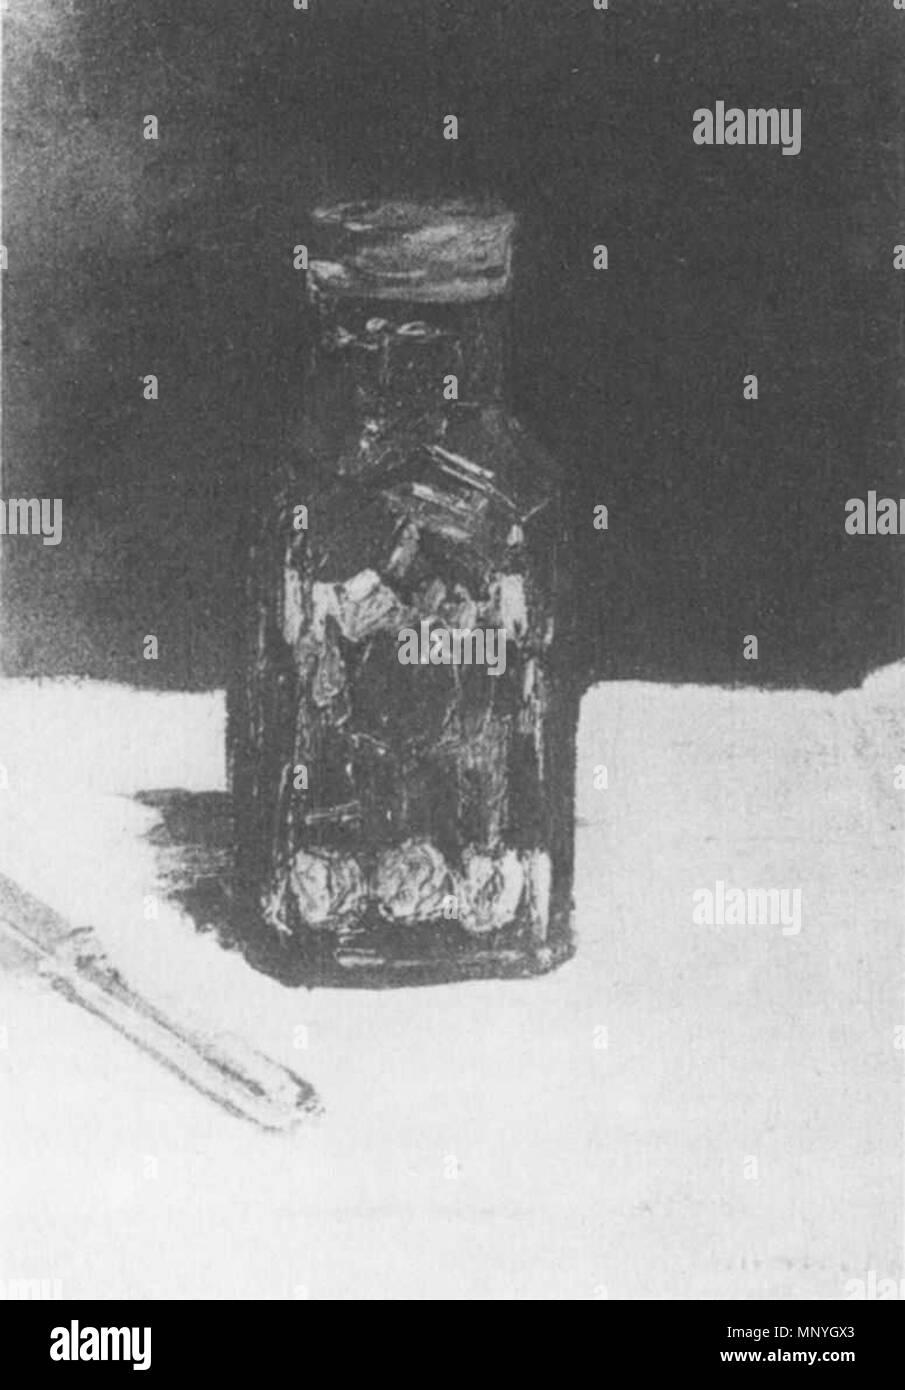 1289 Édouard Manet - Nature morte, bocal de condiments (RW 350) - Stock Image